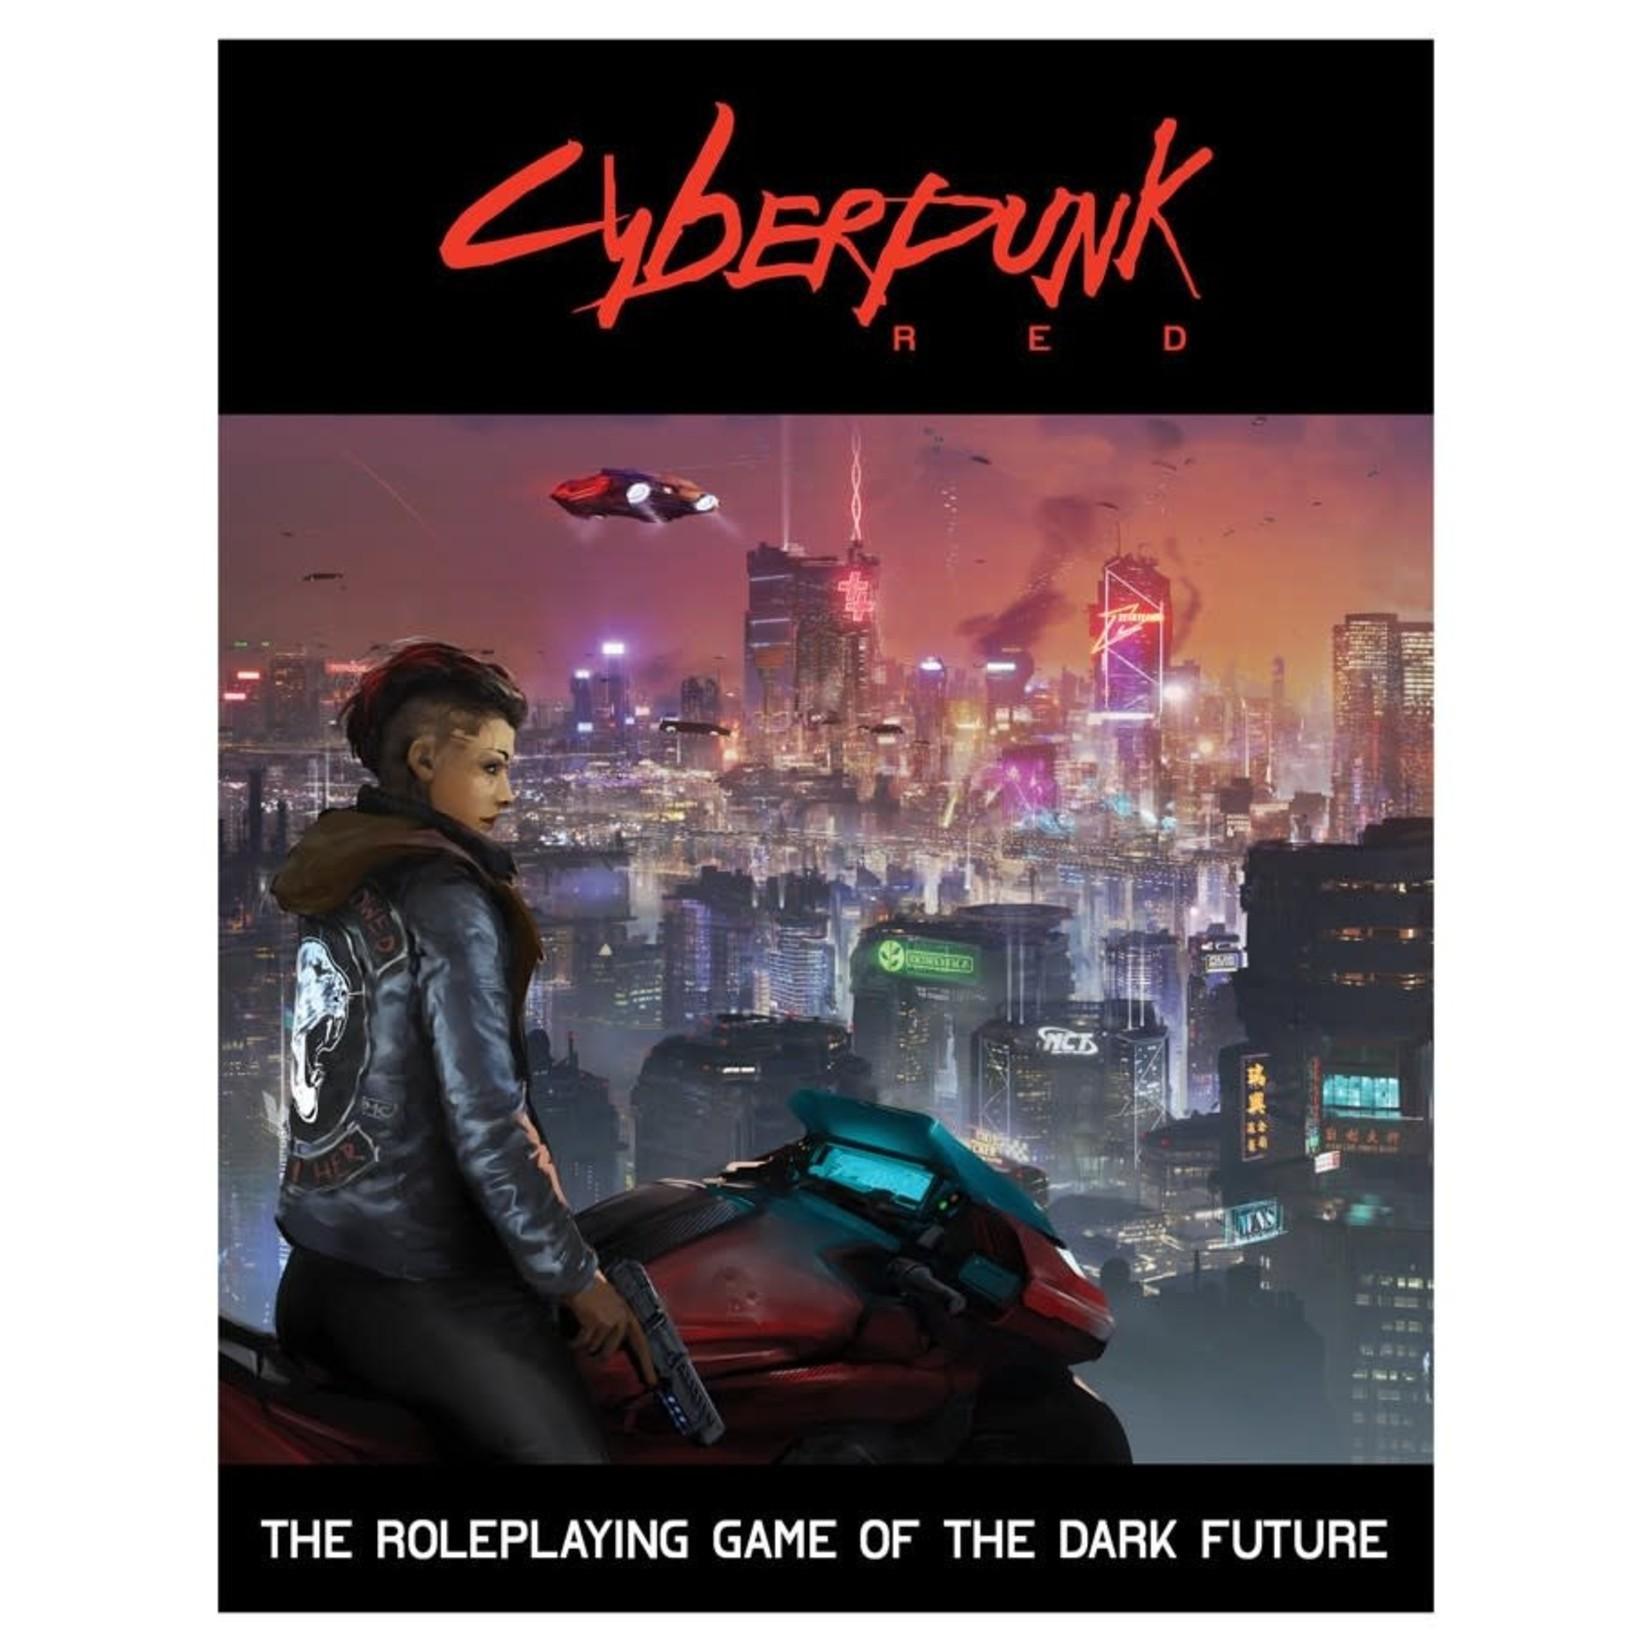 R. TALSORIAN GAMES Cyberpunk Red Core Book